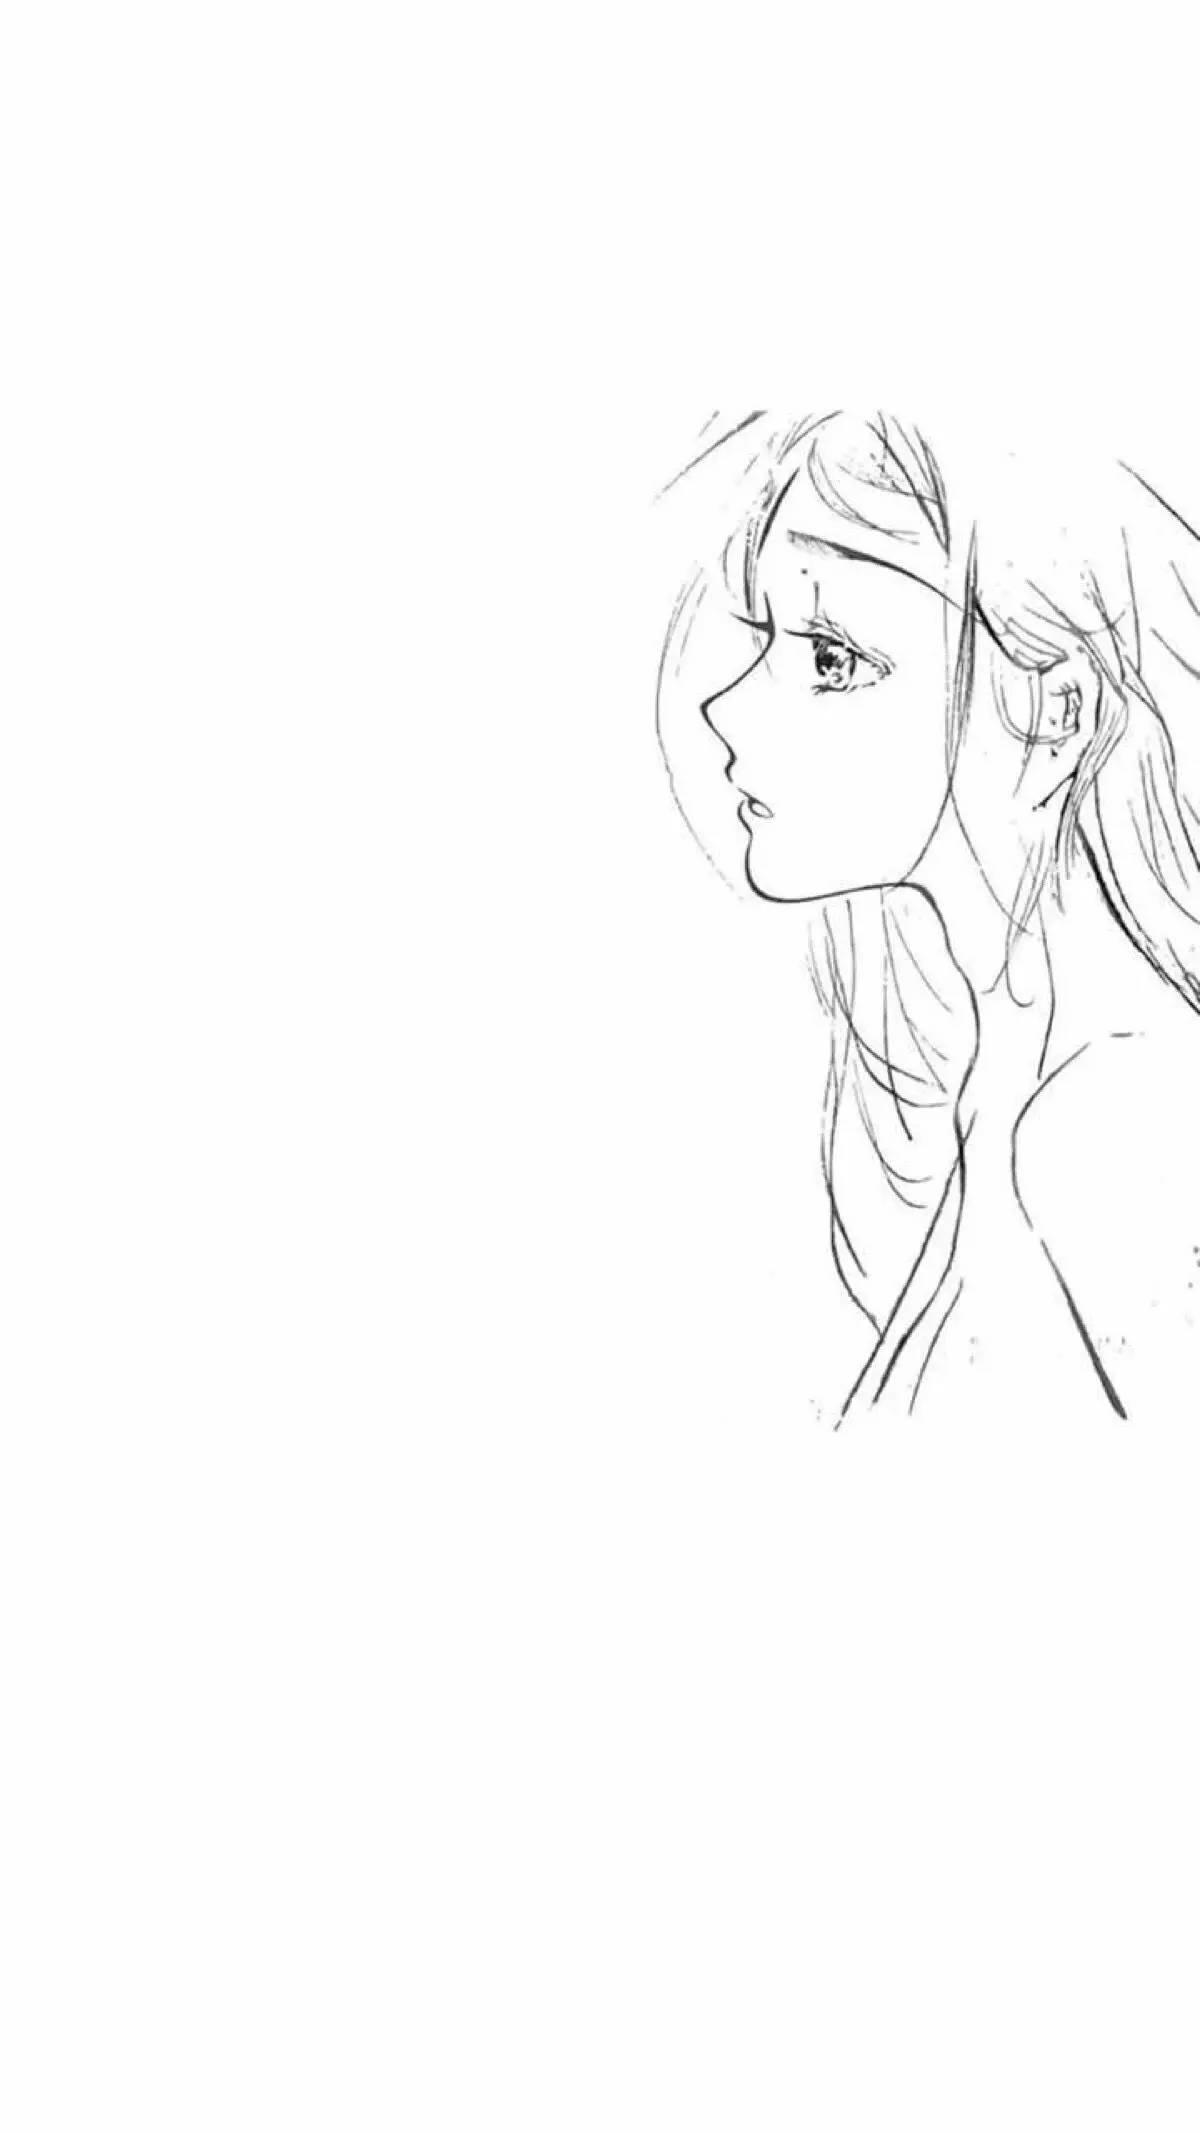 黑白简约手绘女生锁屏